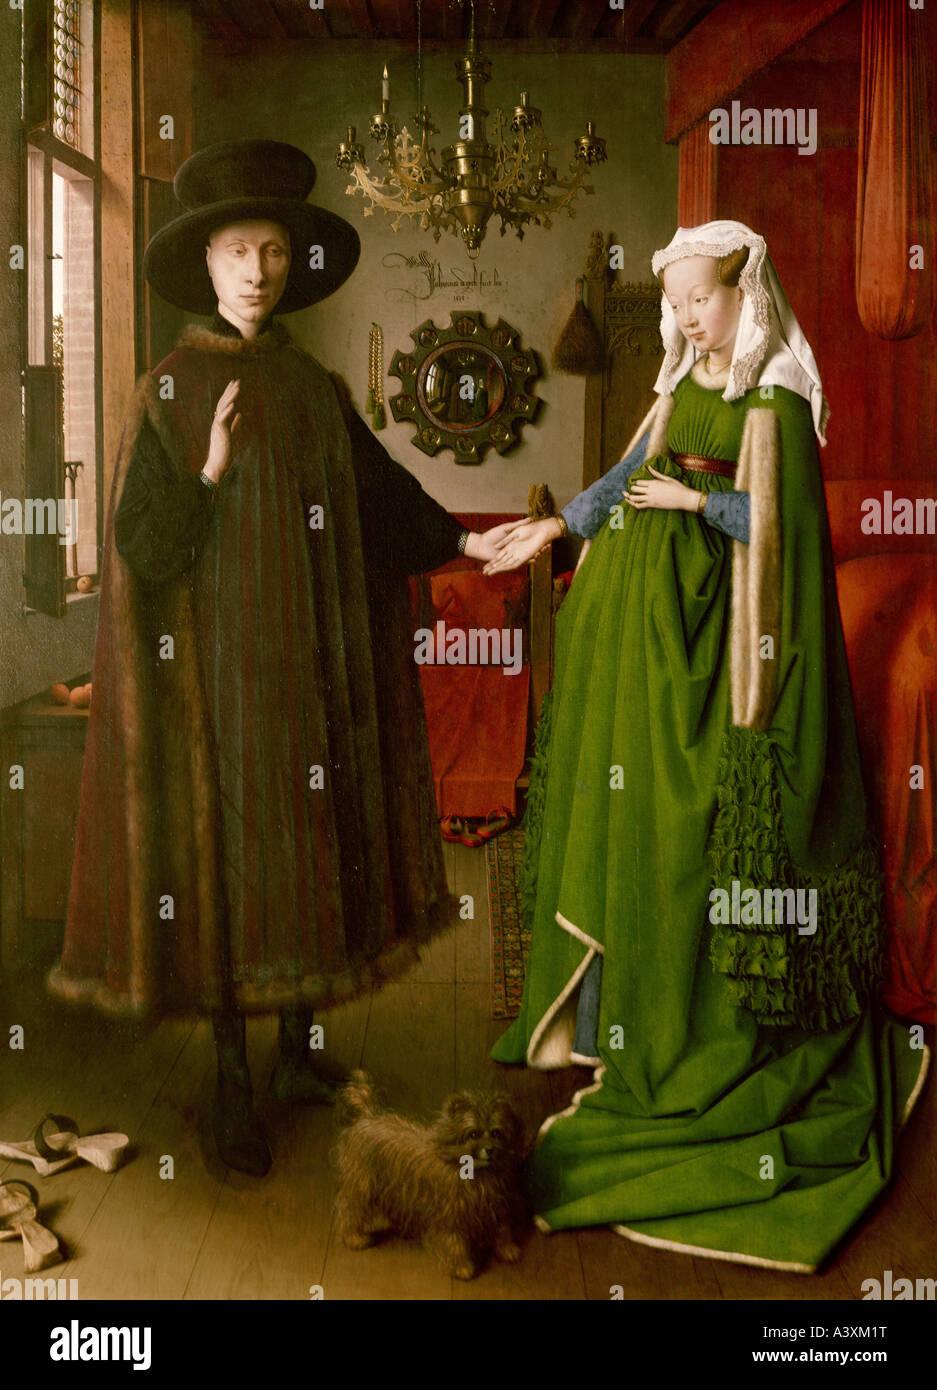 """""""Fine Arts, Eyck, Jan van (ca. 1390-1441), Malerei,""""Die Arnolfini-Hochzeit"""", 1434, Öl auf Platte, 82 cm x 60 cm, Stockfoto"""